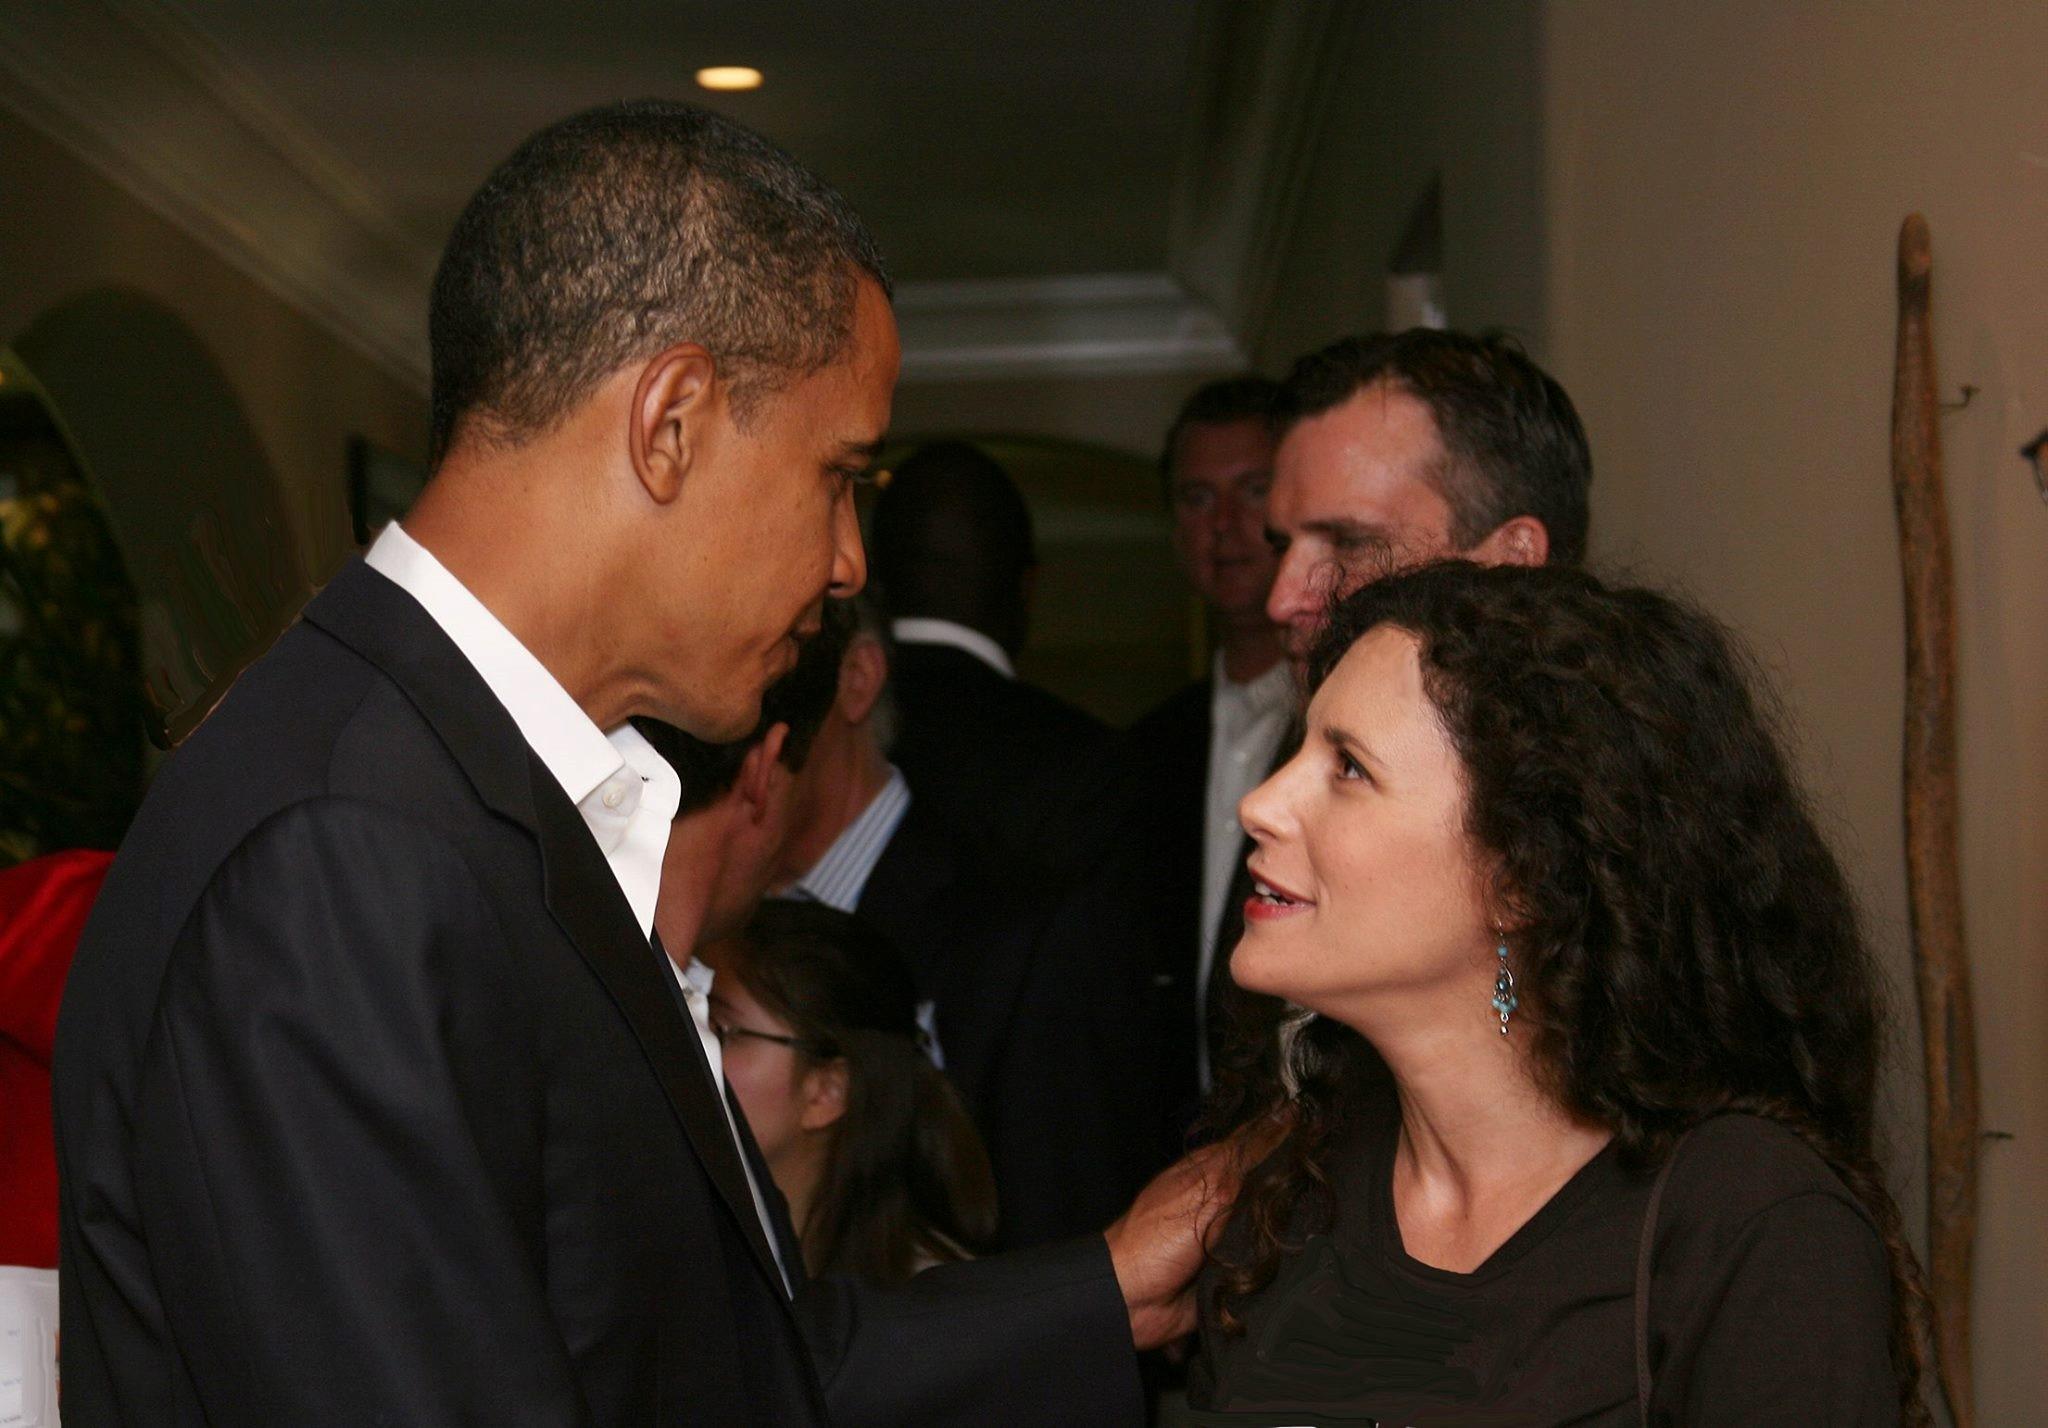 Susan with Barack Obama